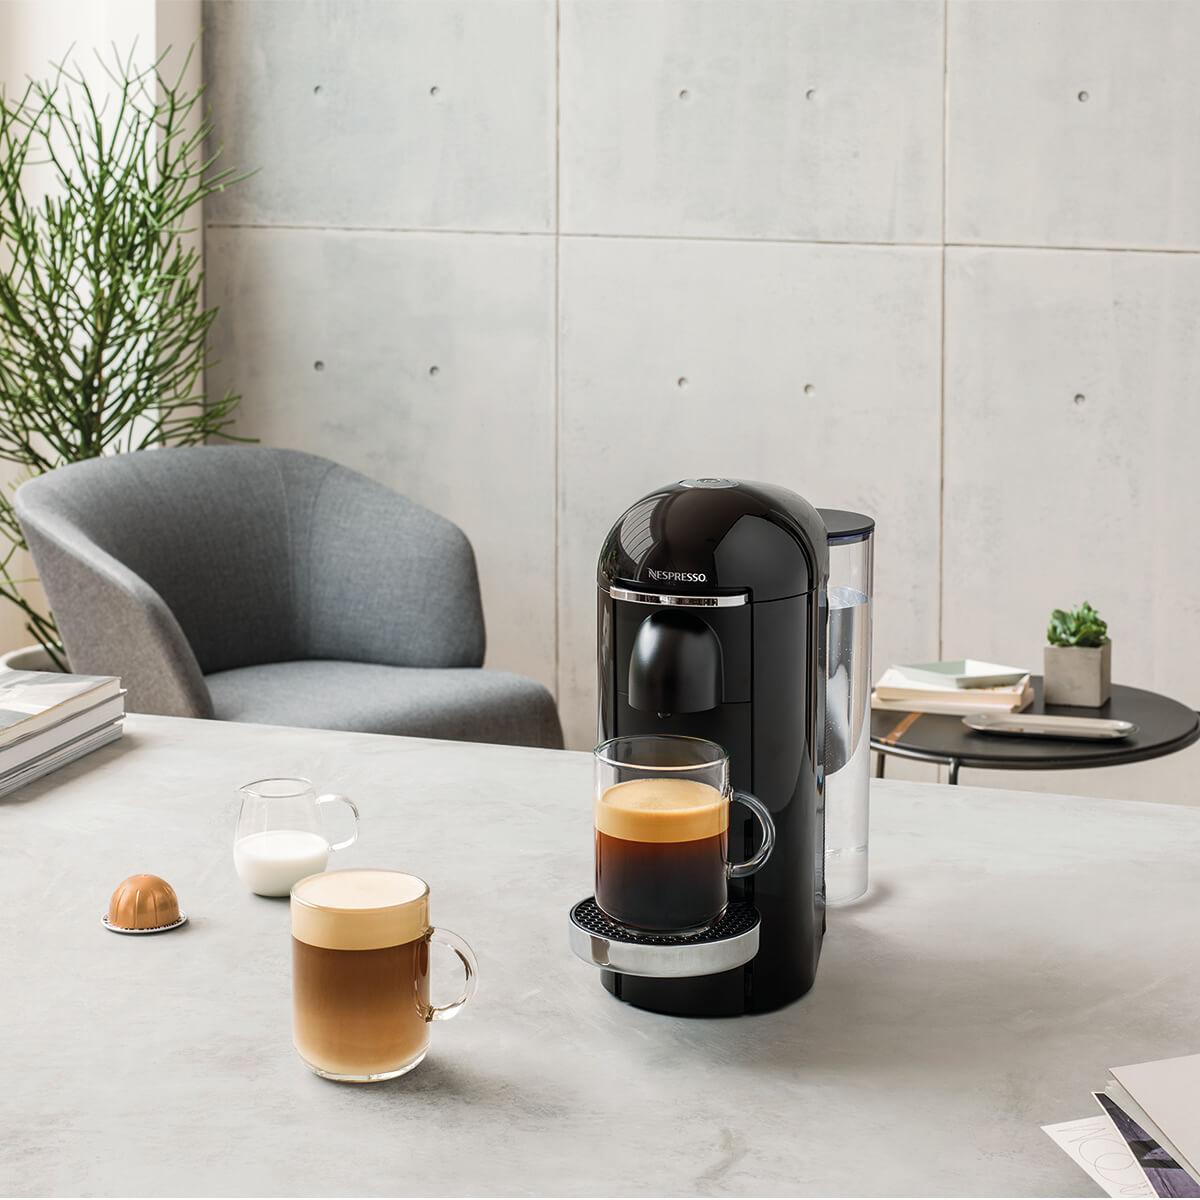 Nespresso byder nu på en stor kop kaffe